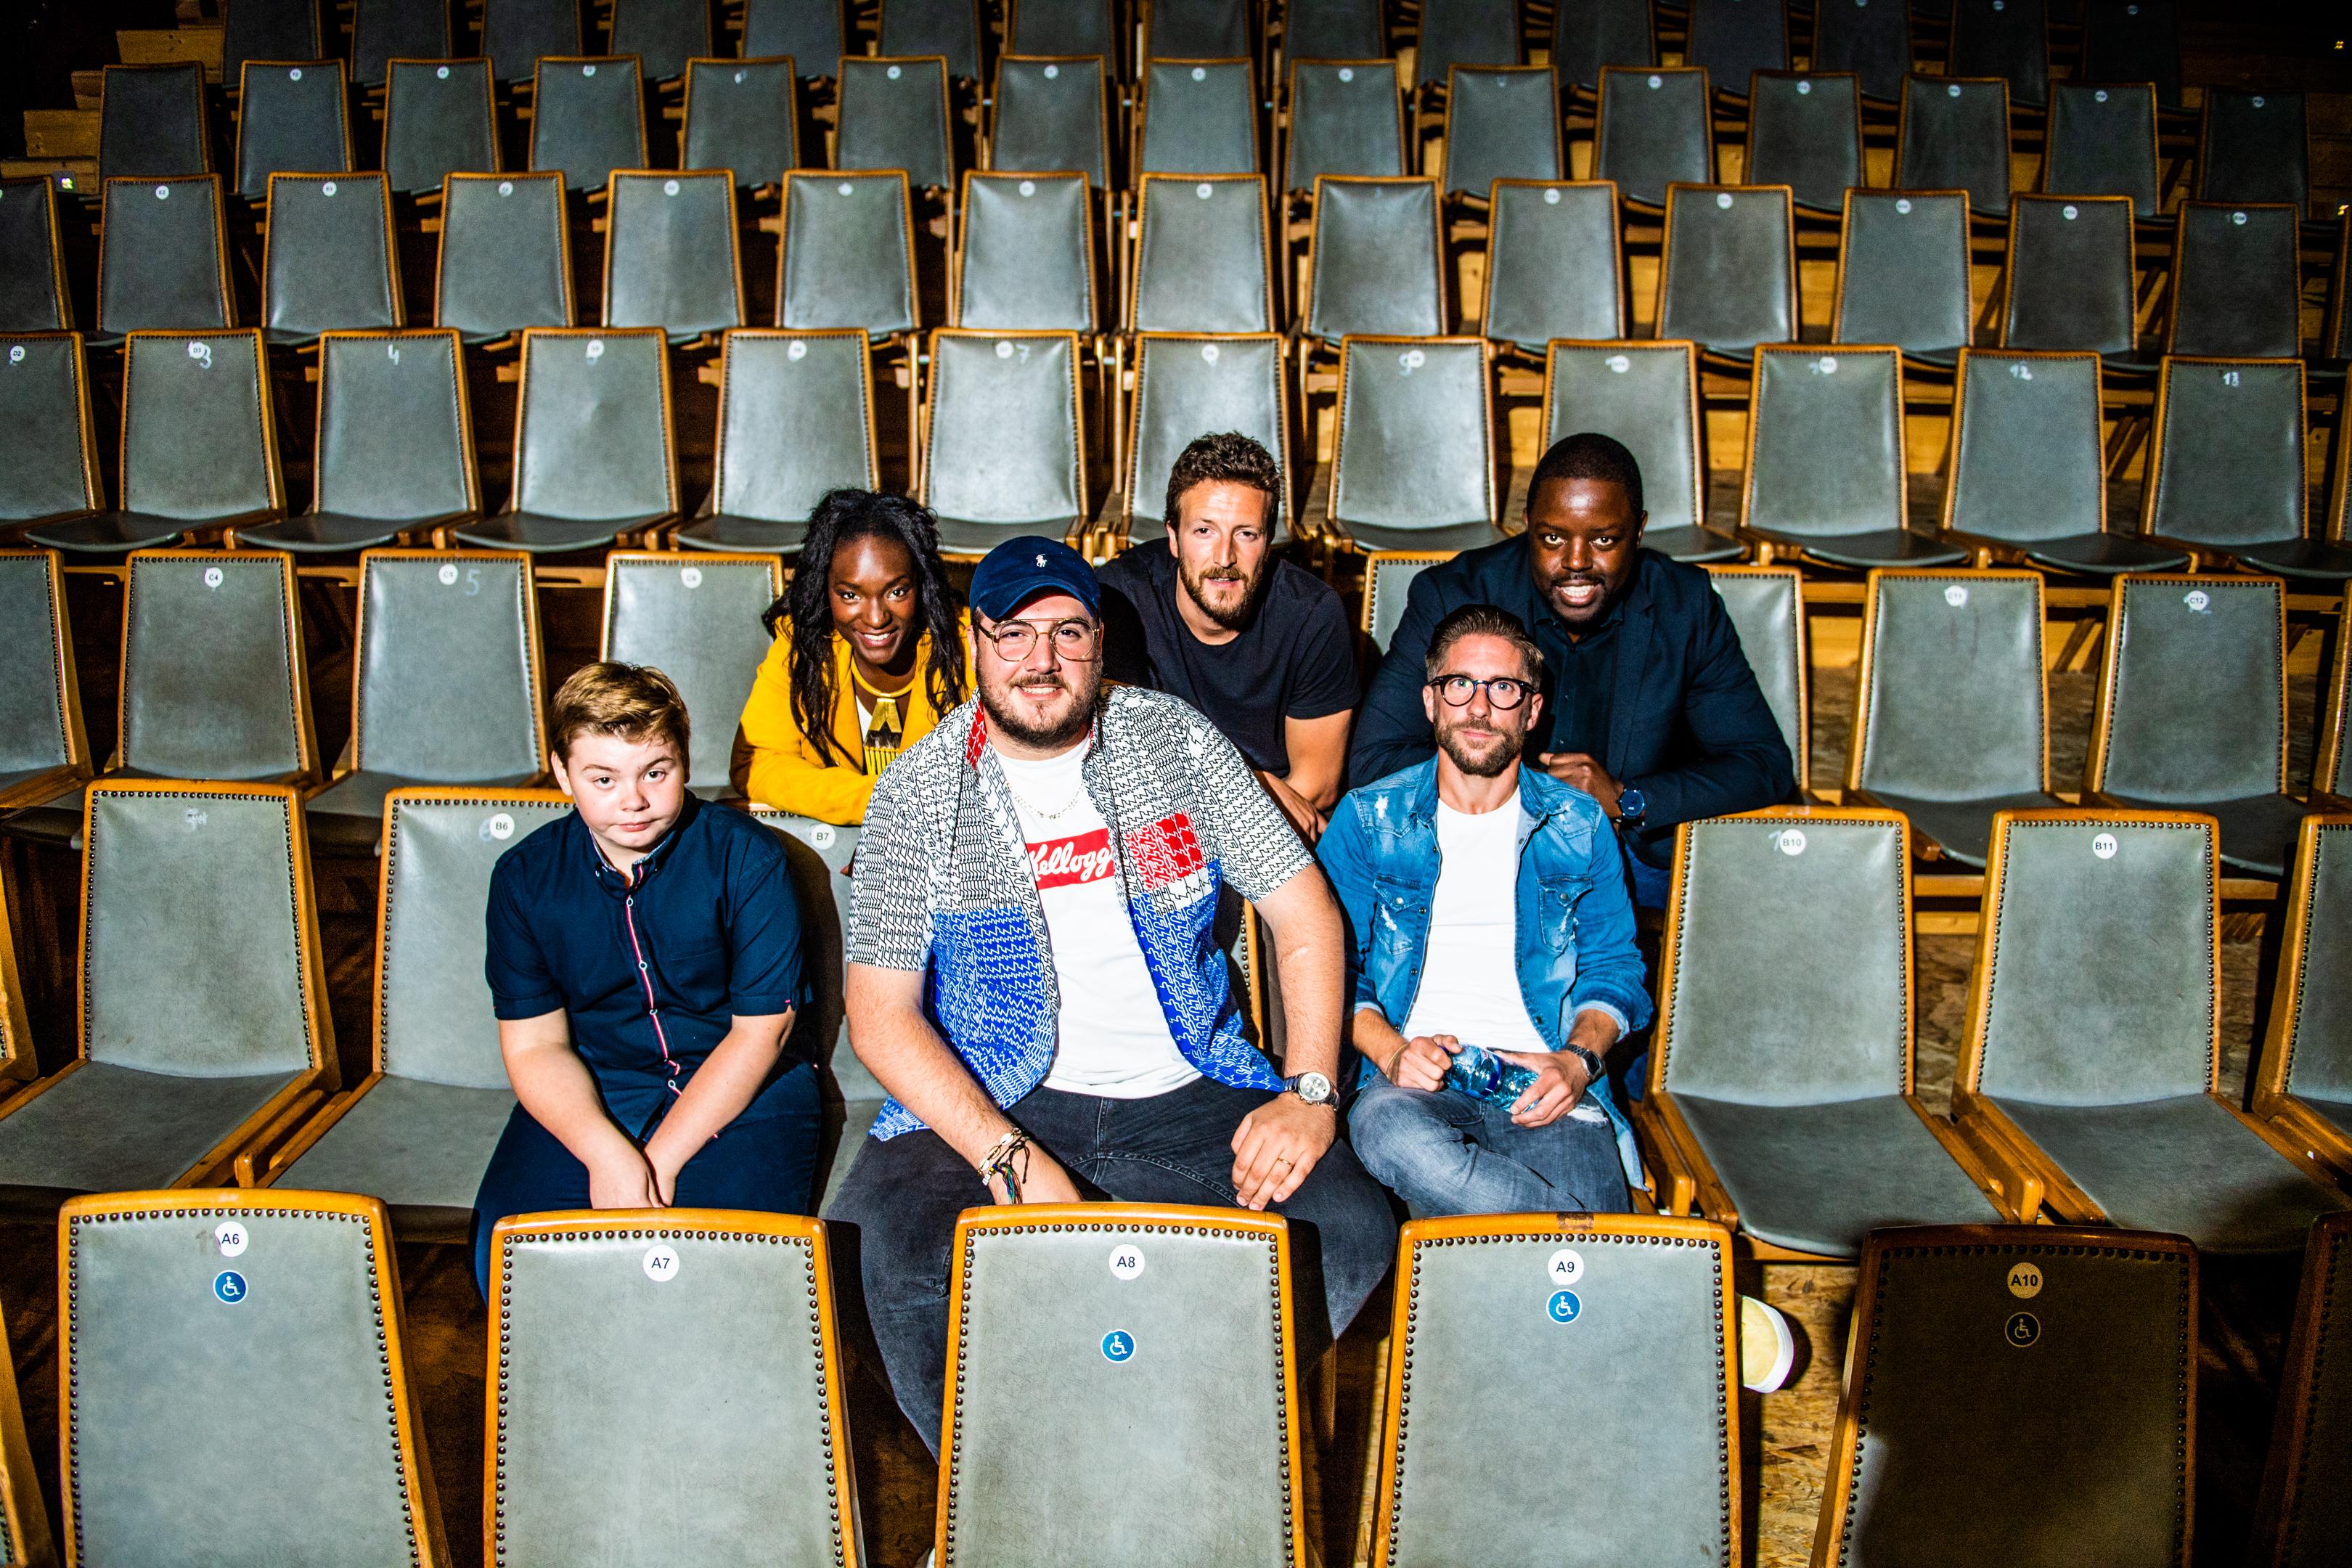 CHARLEROI, Stand Up Humour Spectacle Les Mercredis Du Rire La Ruche Theatre.GOLINVAUX MATHIEU./LESOIR